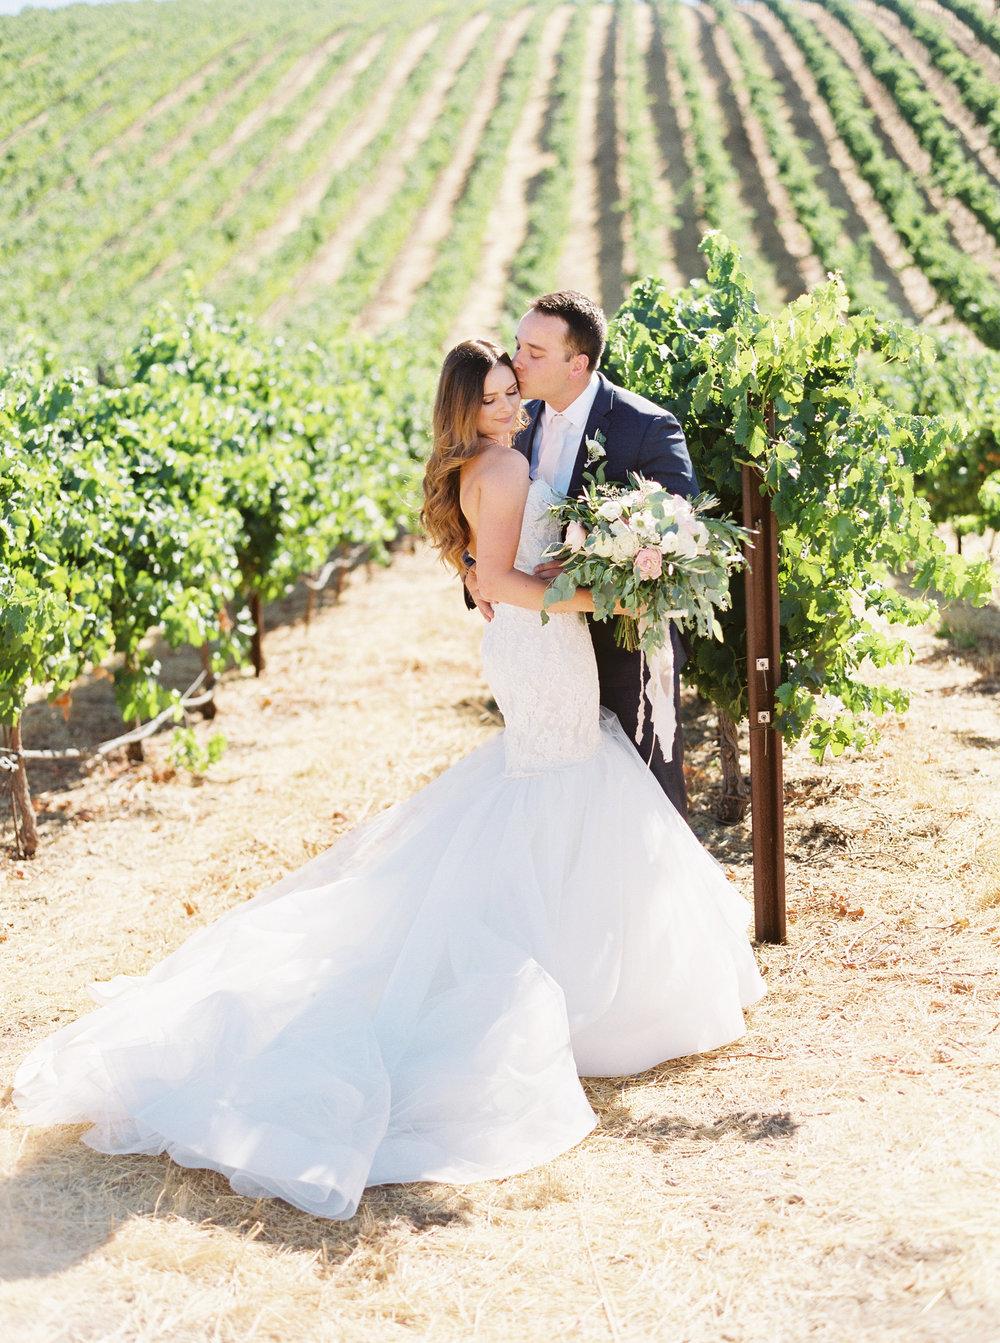 muriettas-well-wedding-in-livermore-california-122.jpg